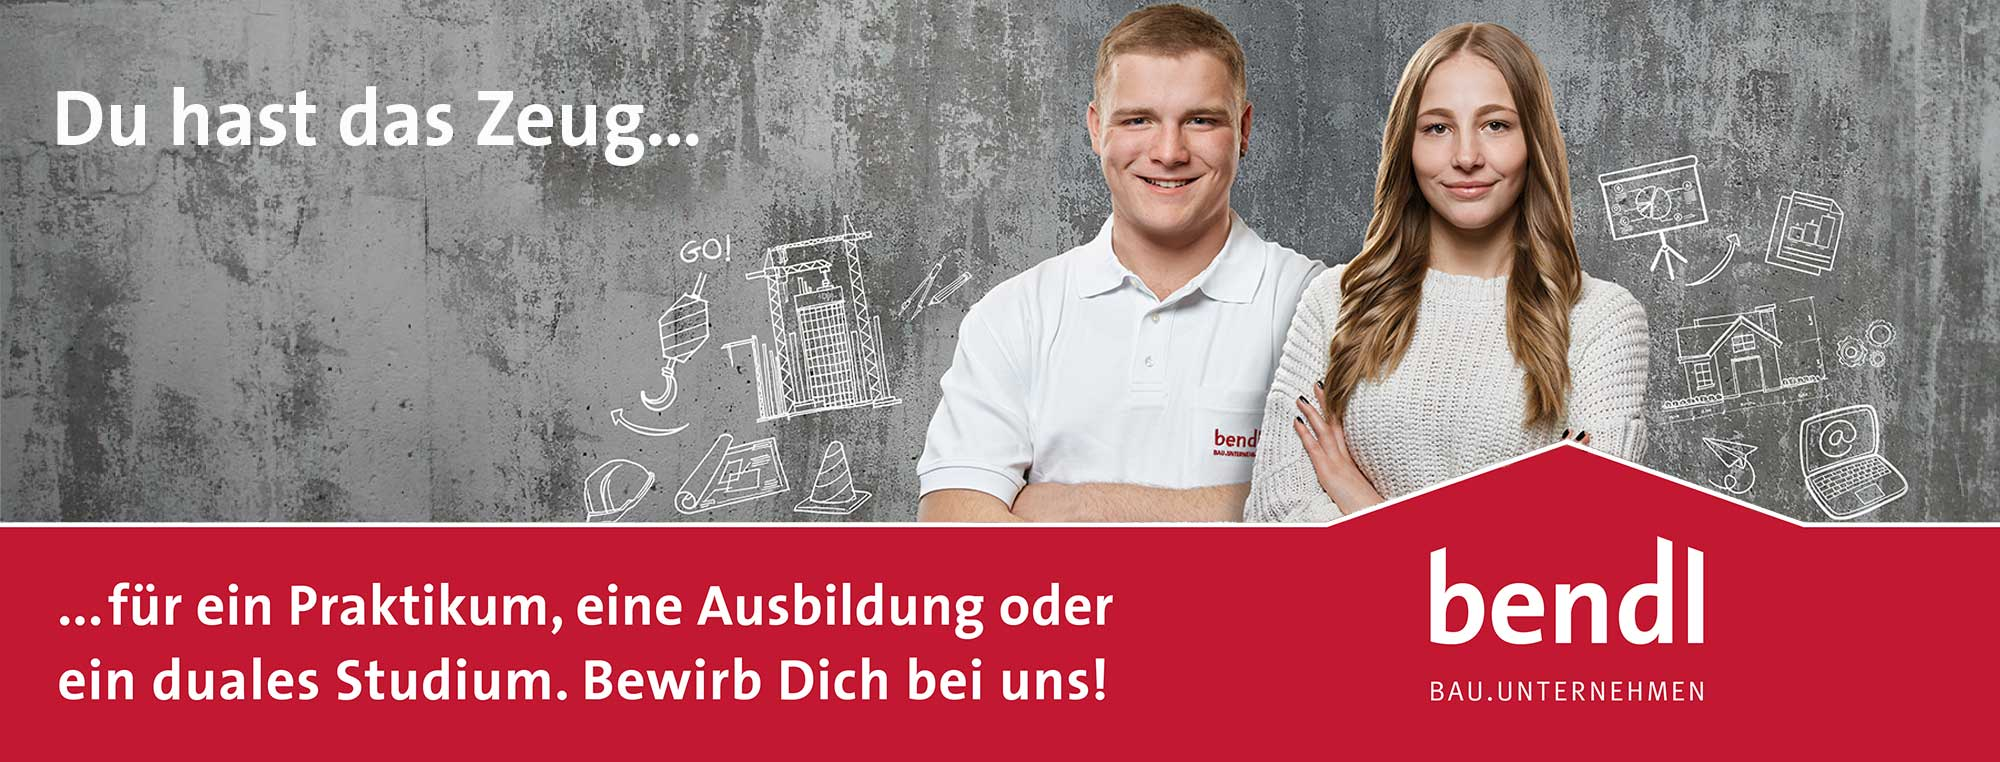 Ausbildungsberufe 2021 Günzburg Bauunternehmen bendl Günzburg Maurer Beton- und Stahlbetonbauer uvm.